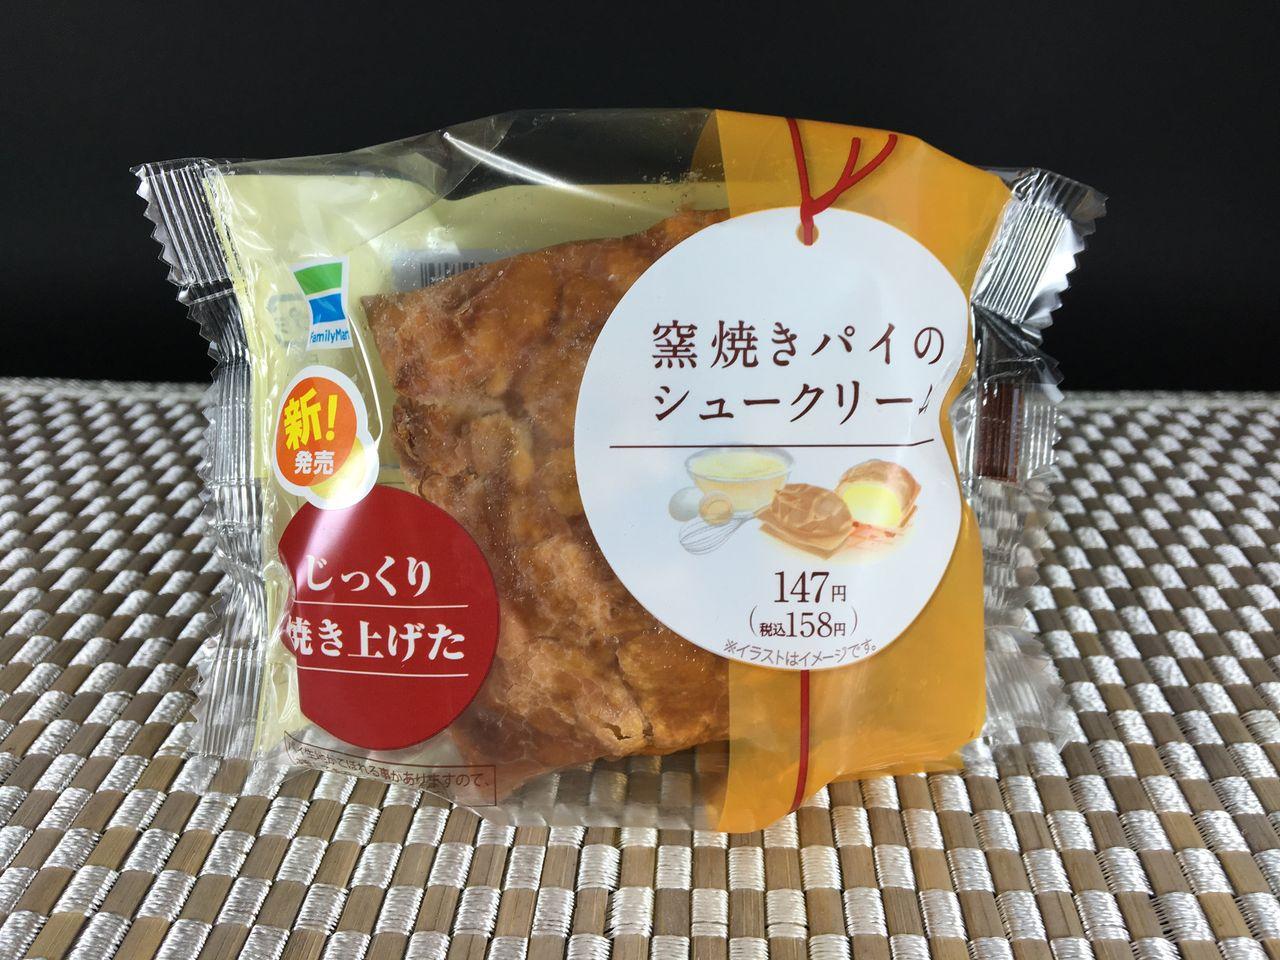 窯焼きパイのシュークリーム【ファミリーマート】